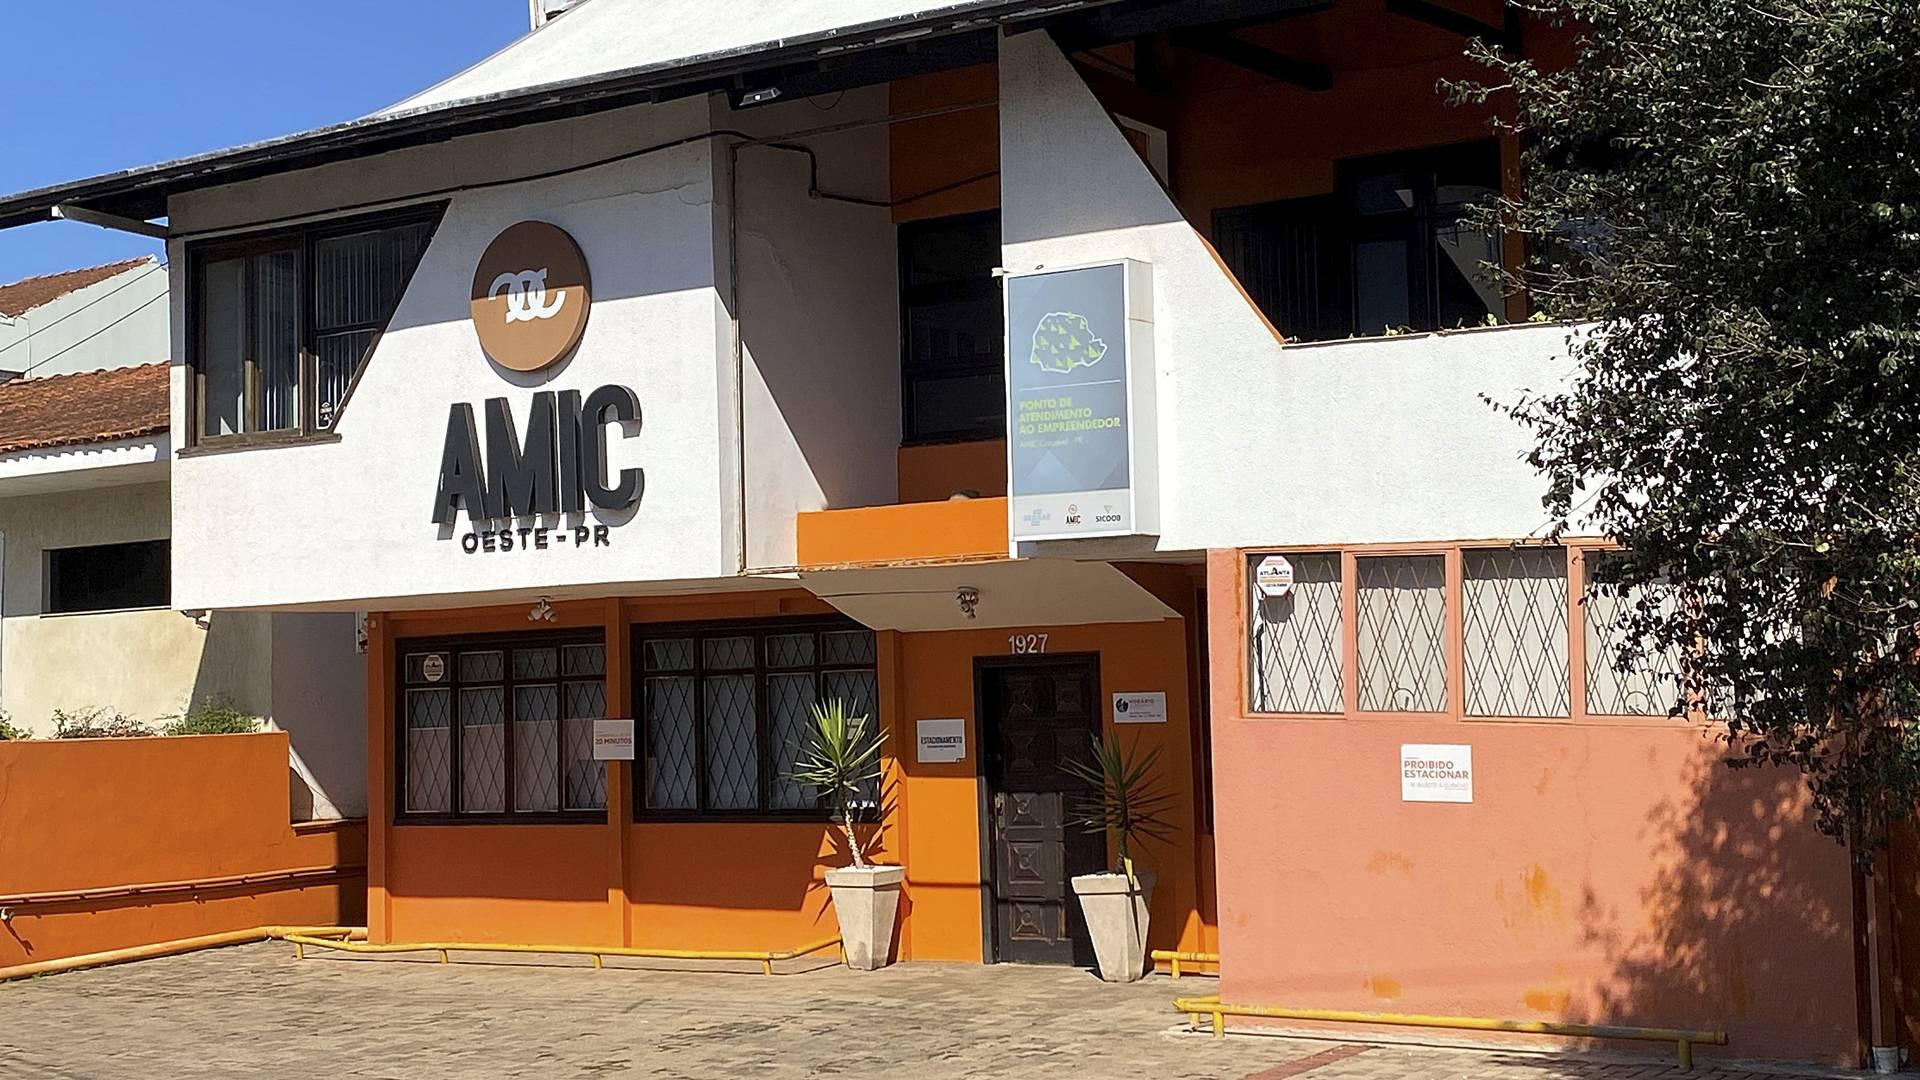 Projetos gratuitos pretendem fortalecer o empreendedorismo em Cascavel e região